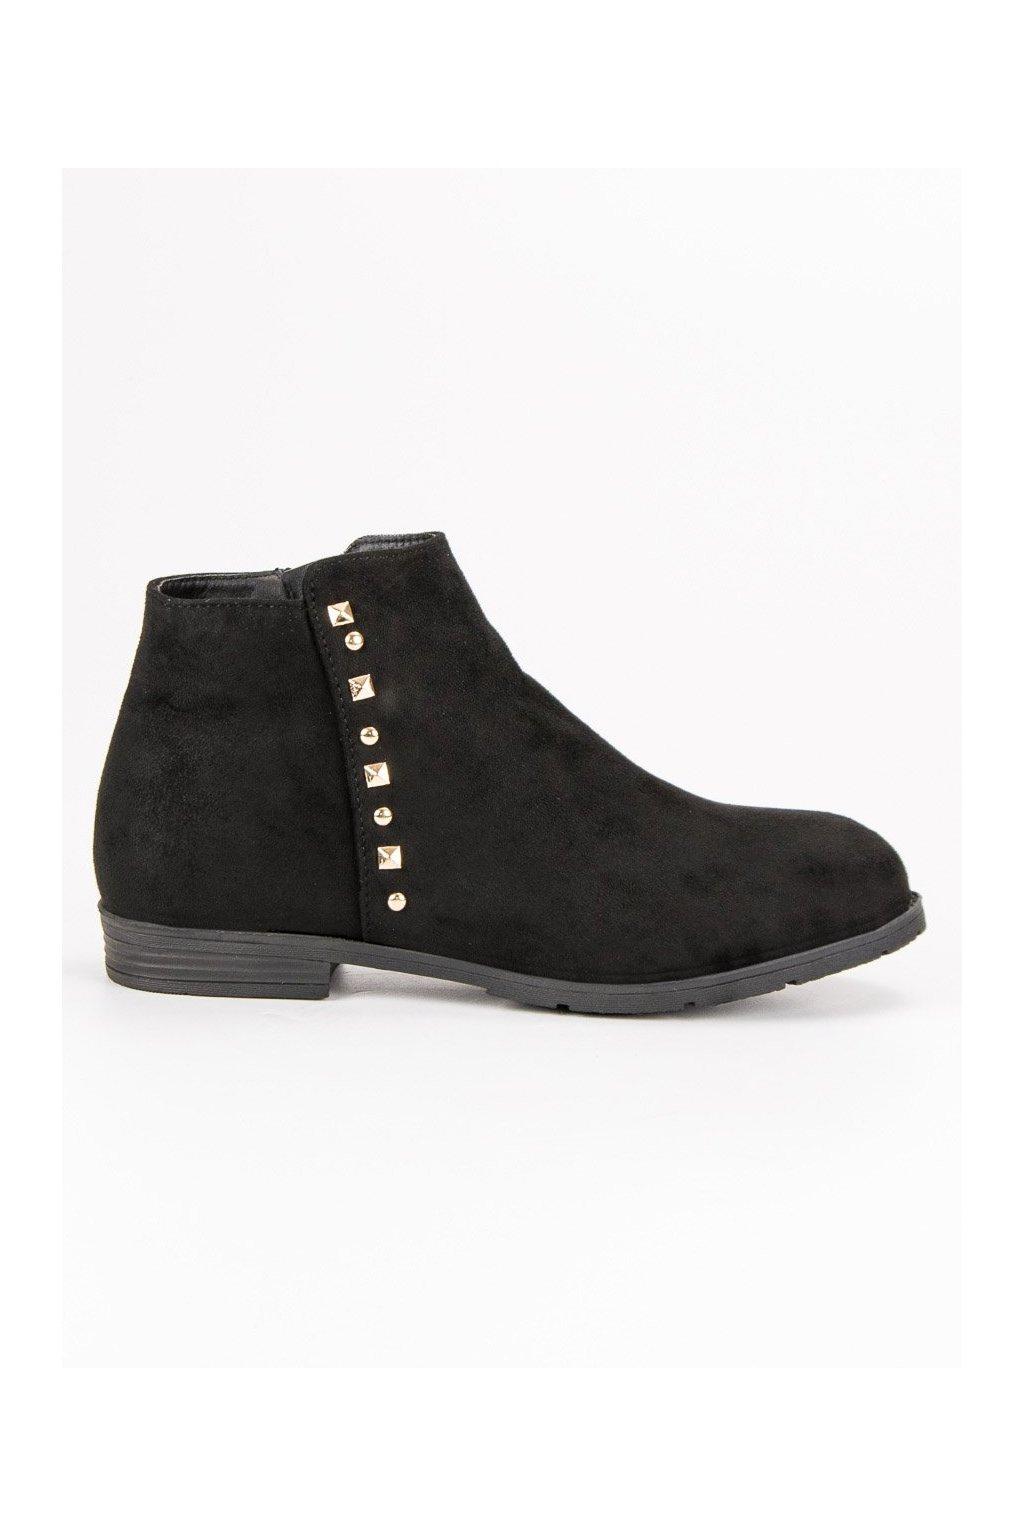 Nízke čierne toNízke čierne topánky dámske členkové čižmy ... 993b0e4889e